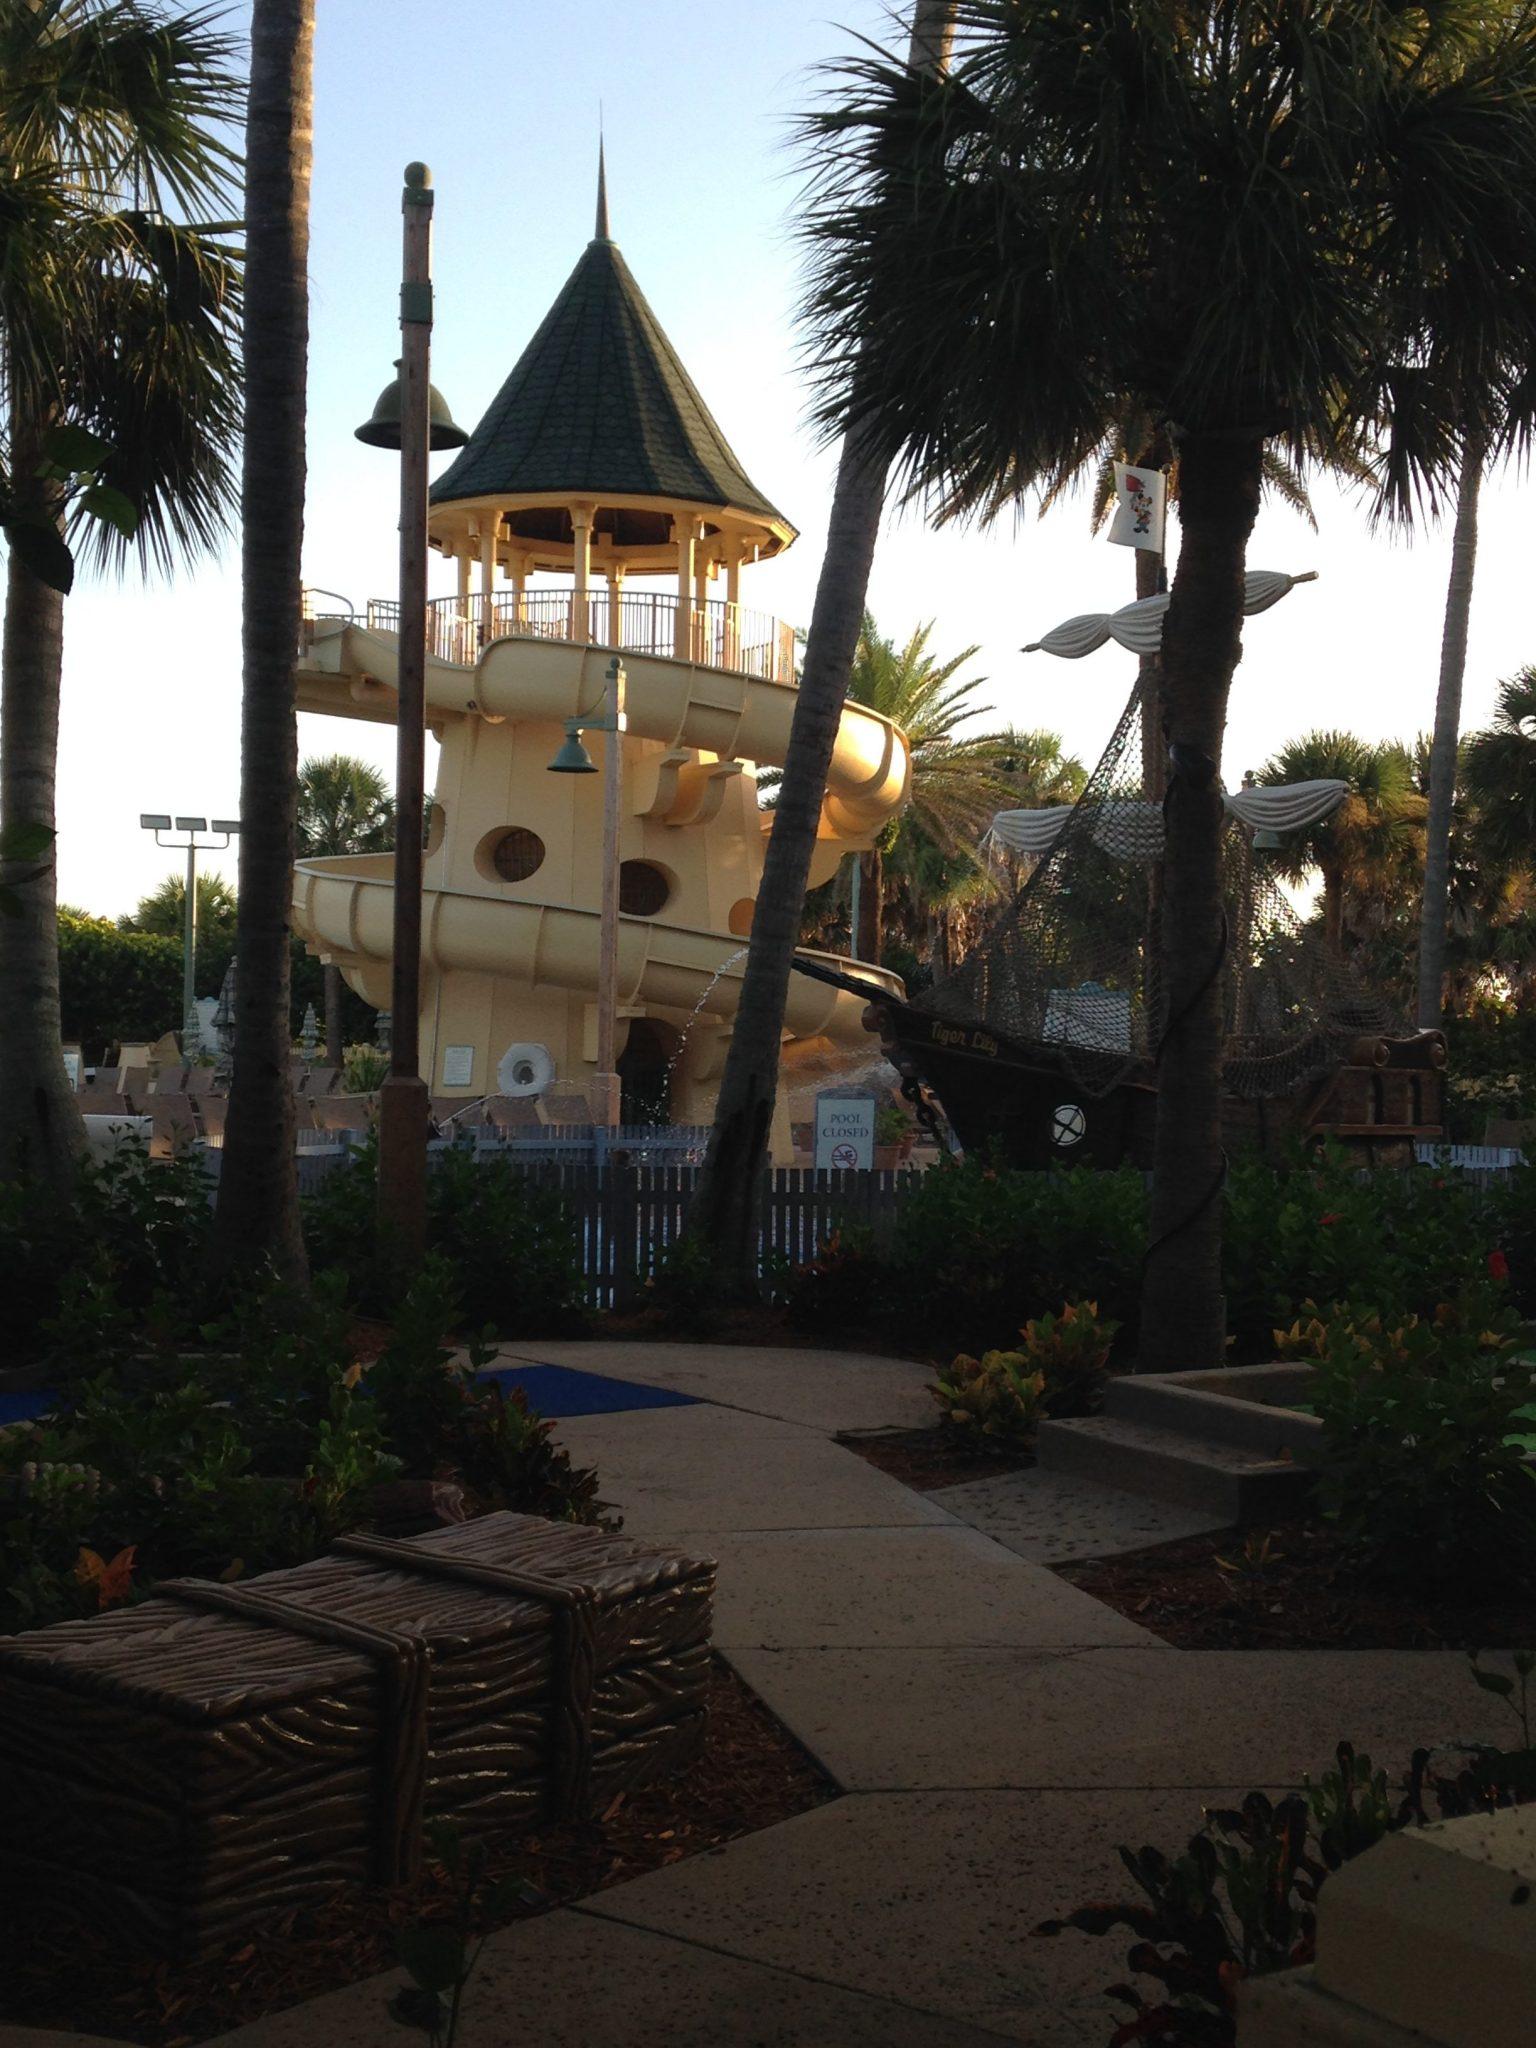 A Non-Disney Parks Disney Vacation?!?